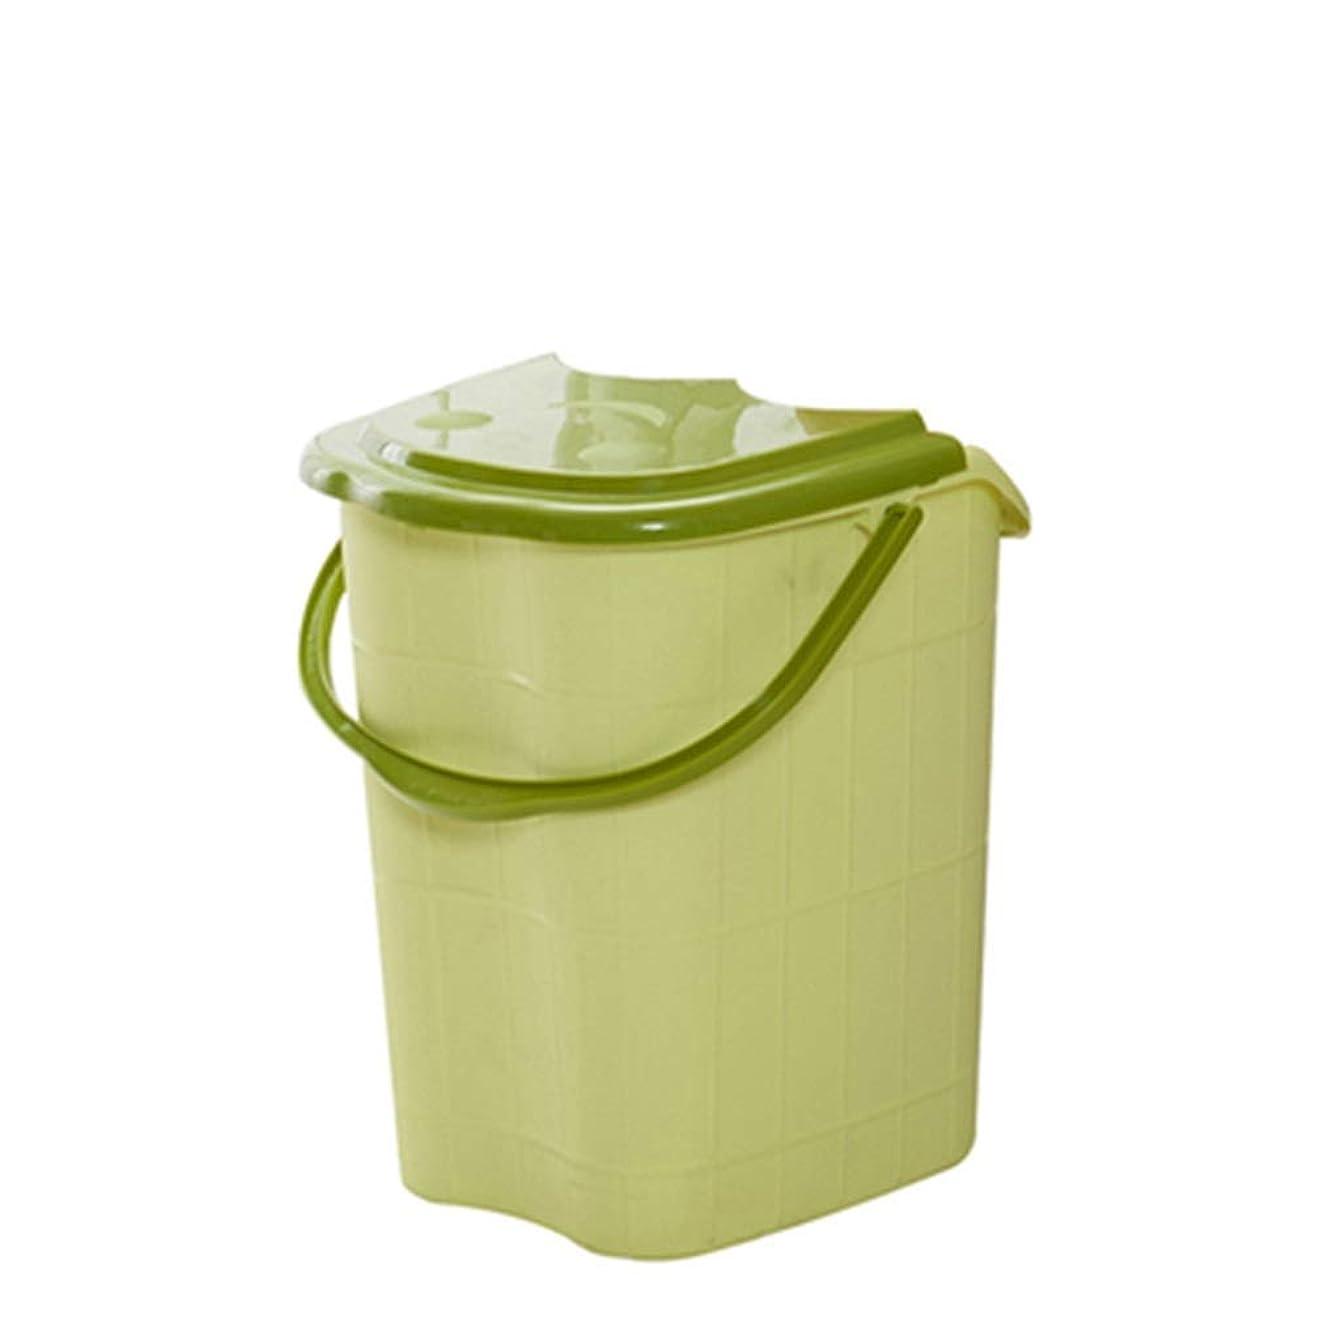 章始まり深くBB- ?AMT高さ特大マッサージ浴槽ポータブルふた付きフットバスバケット熱保存デトックススパボウル 0405 (色 : 緑, サイズ さいず : 44*42*53cm)